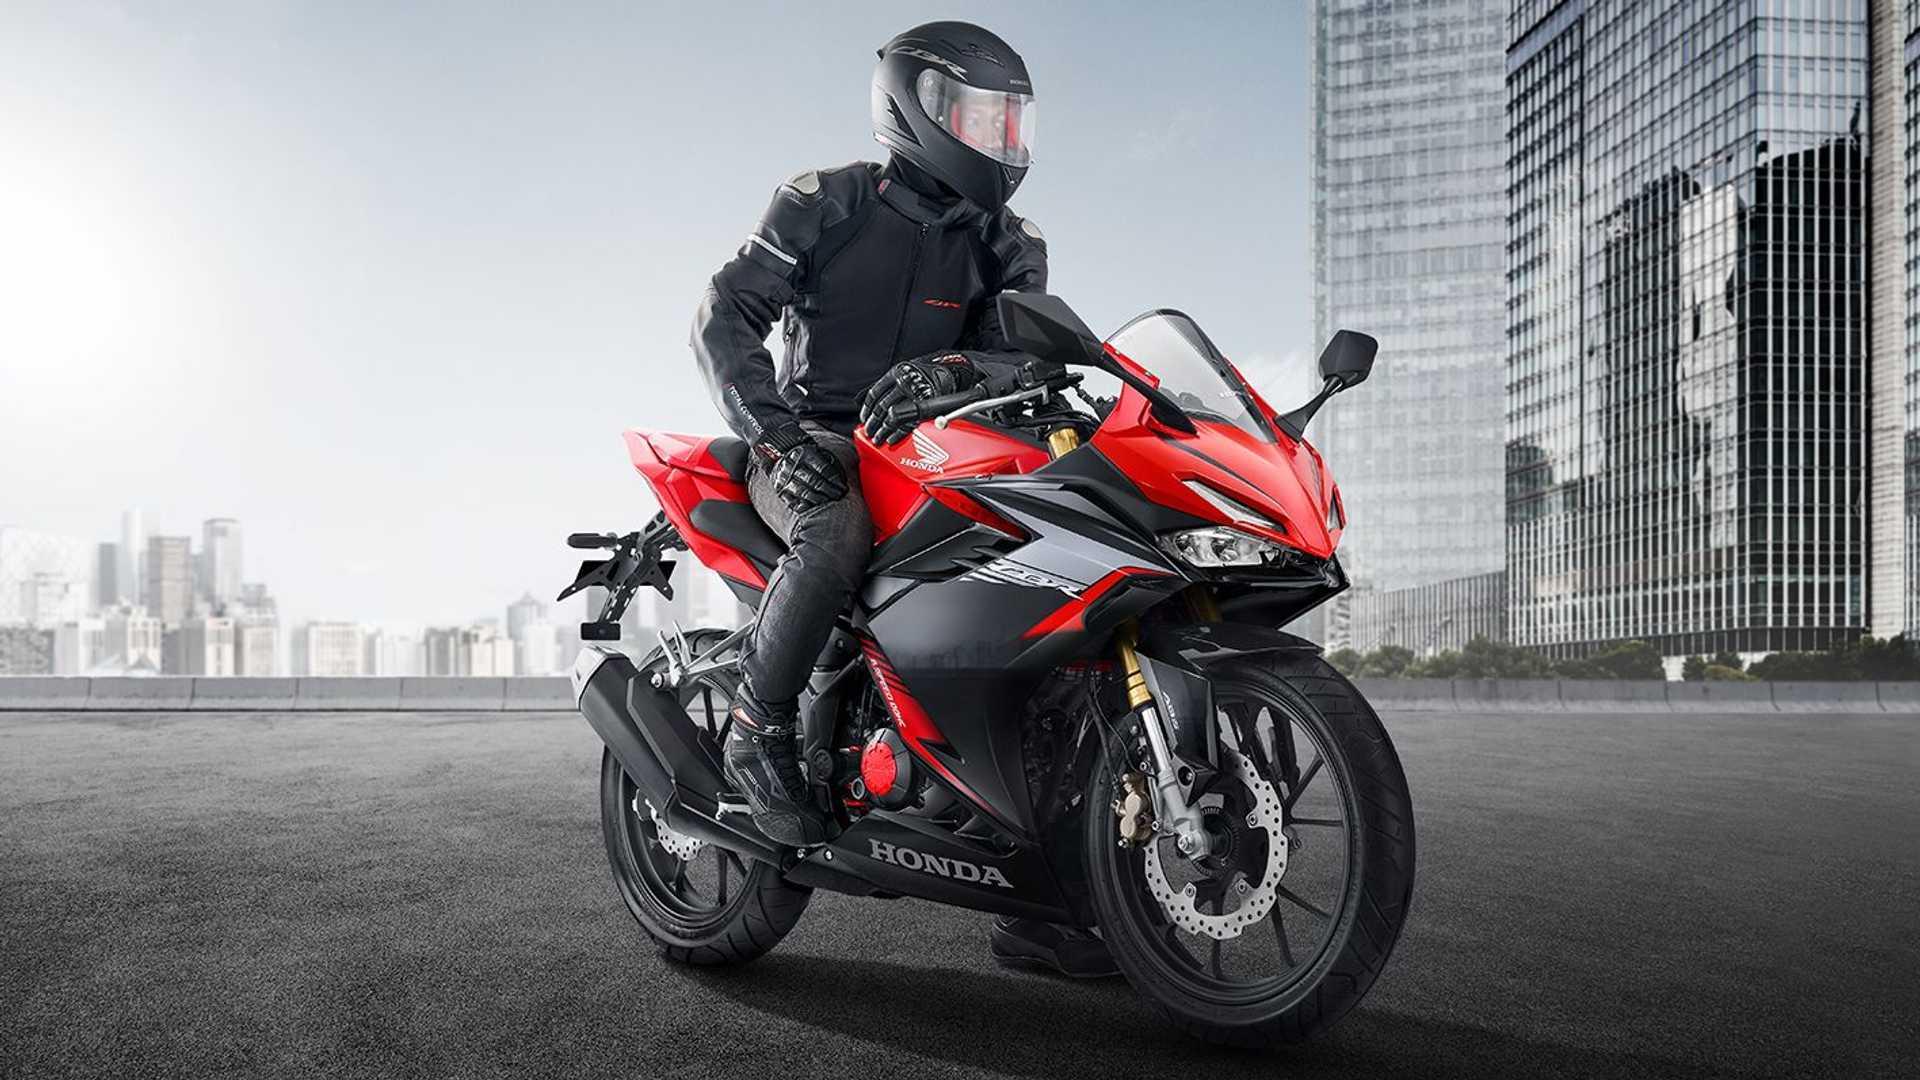 Motor1 Indonesia 22 Januari 2021 - cover